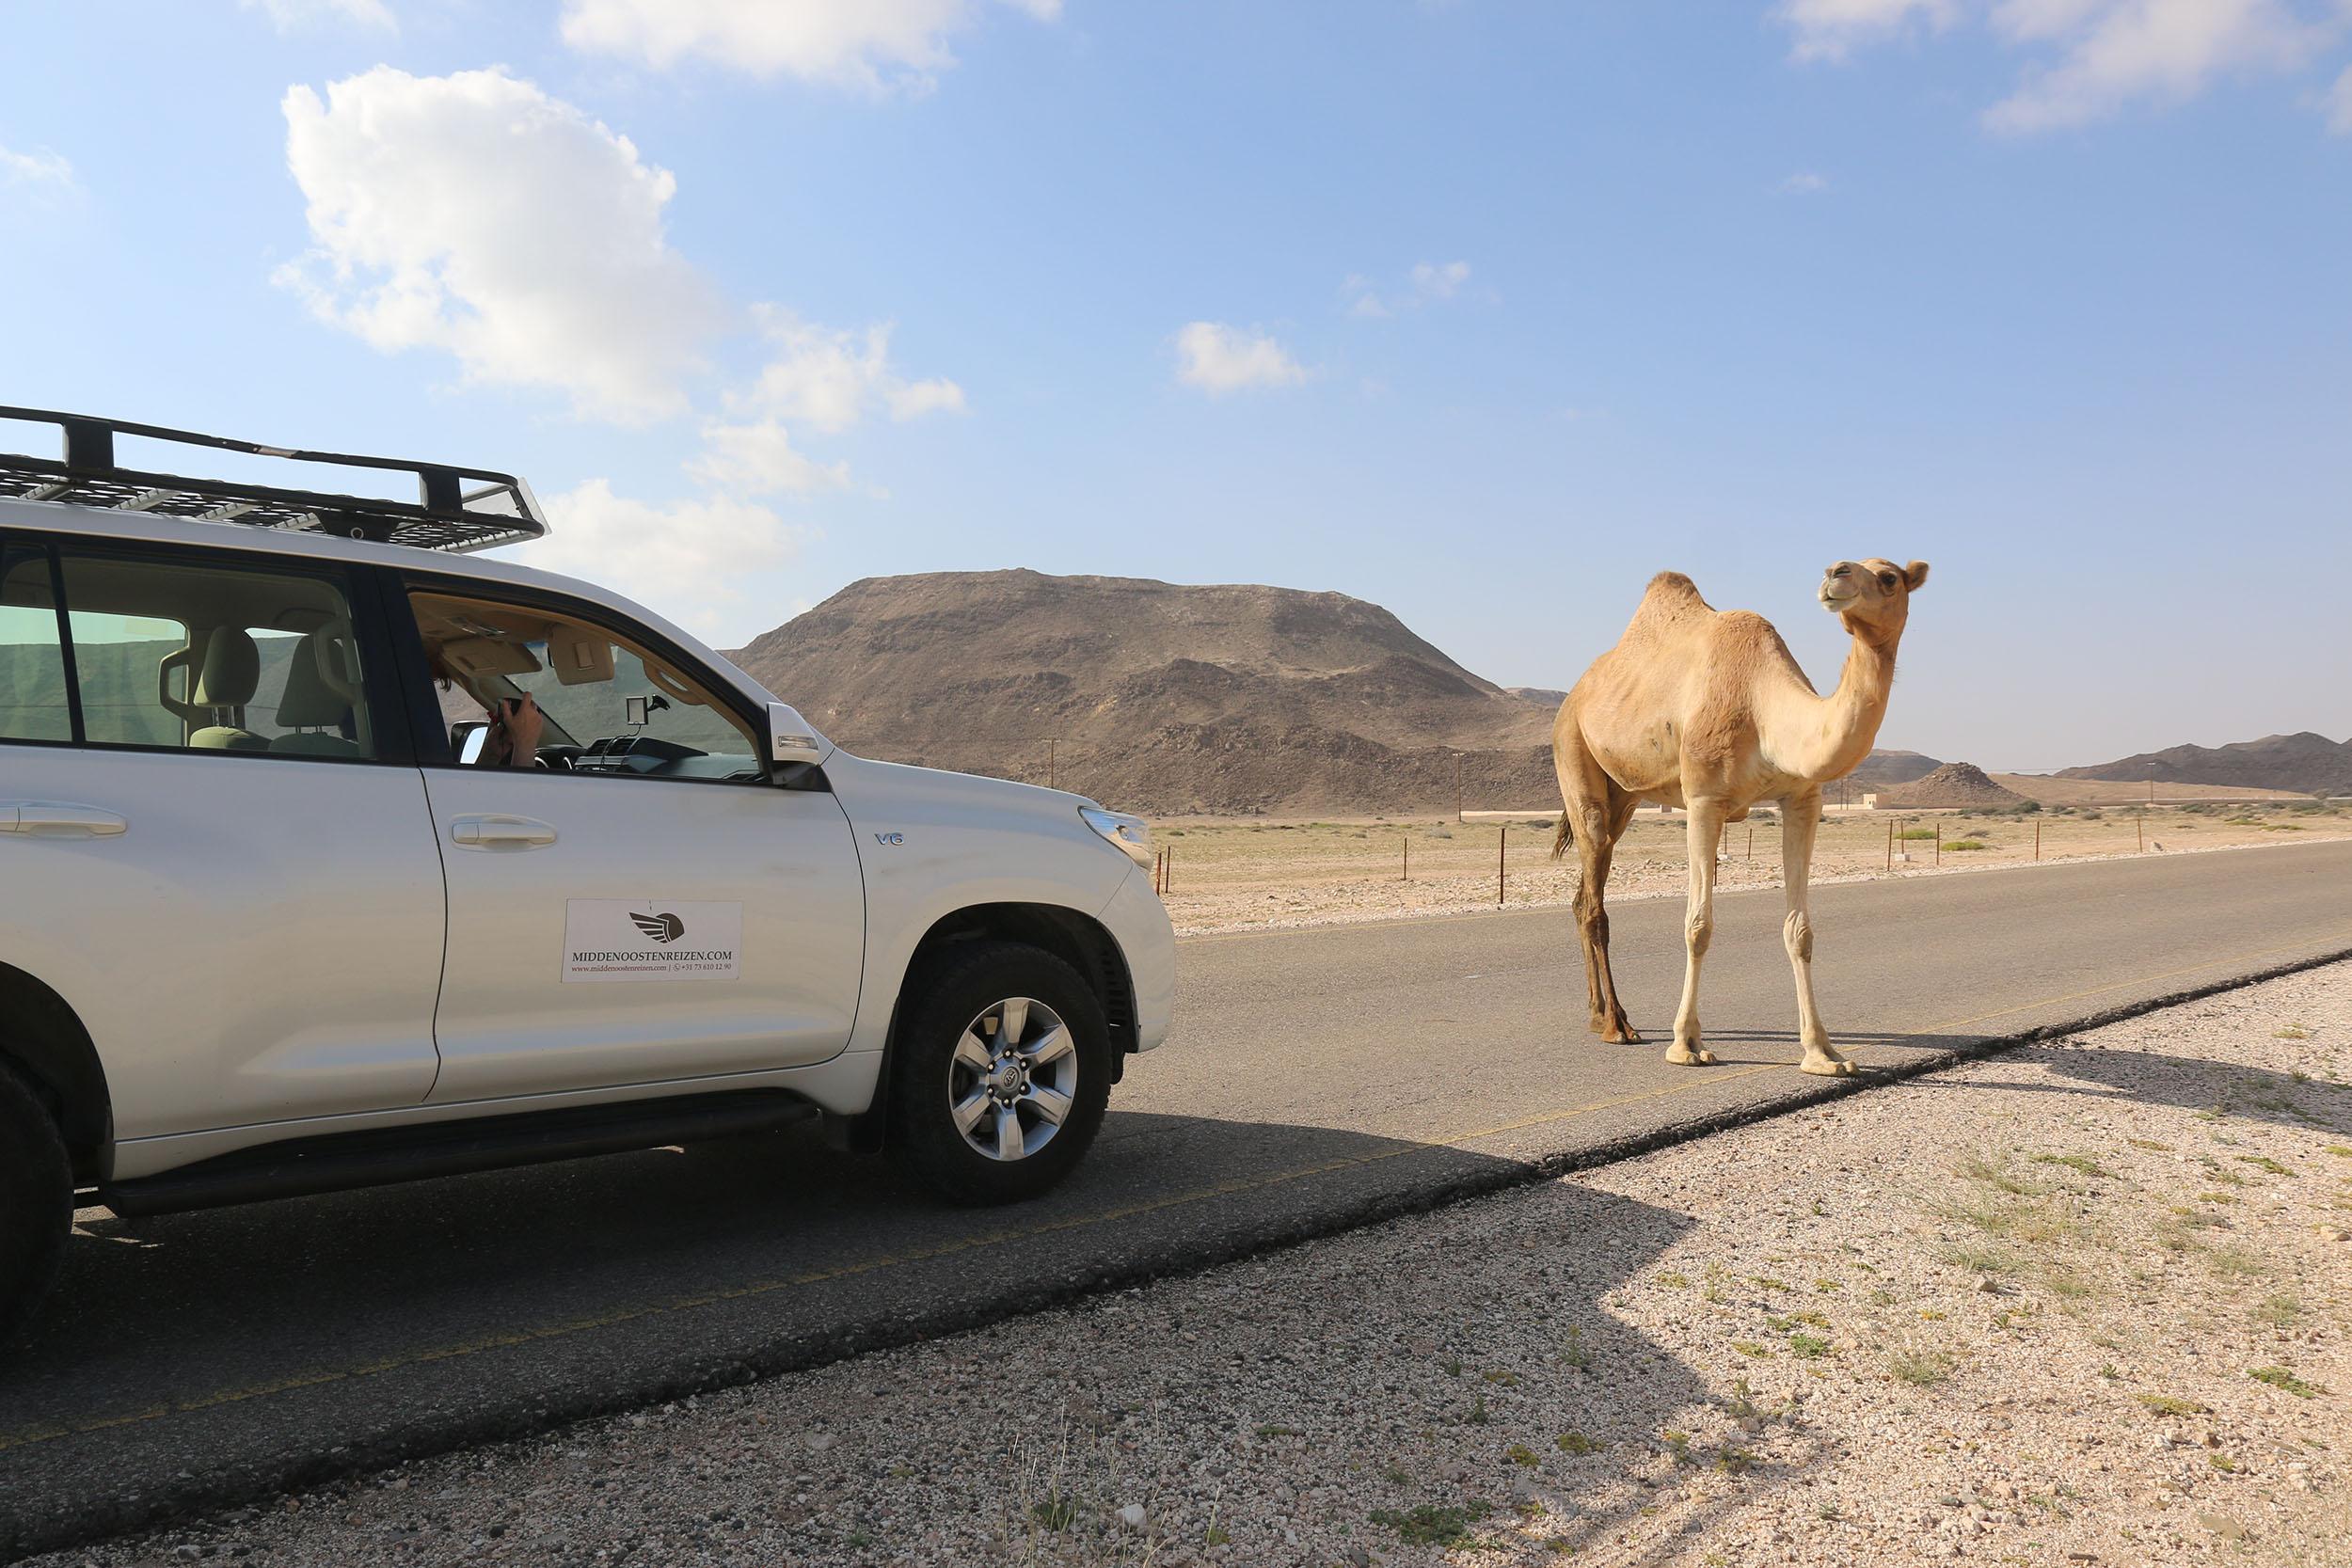 Treed in de voetsporen van Aladdin en Sindbad in Oman